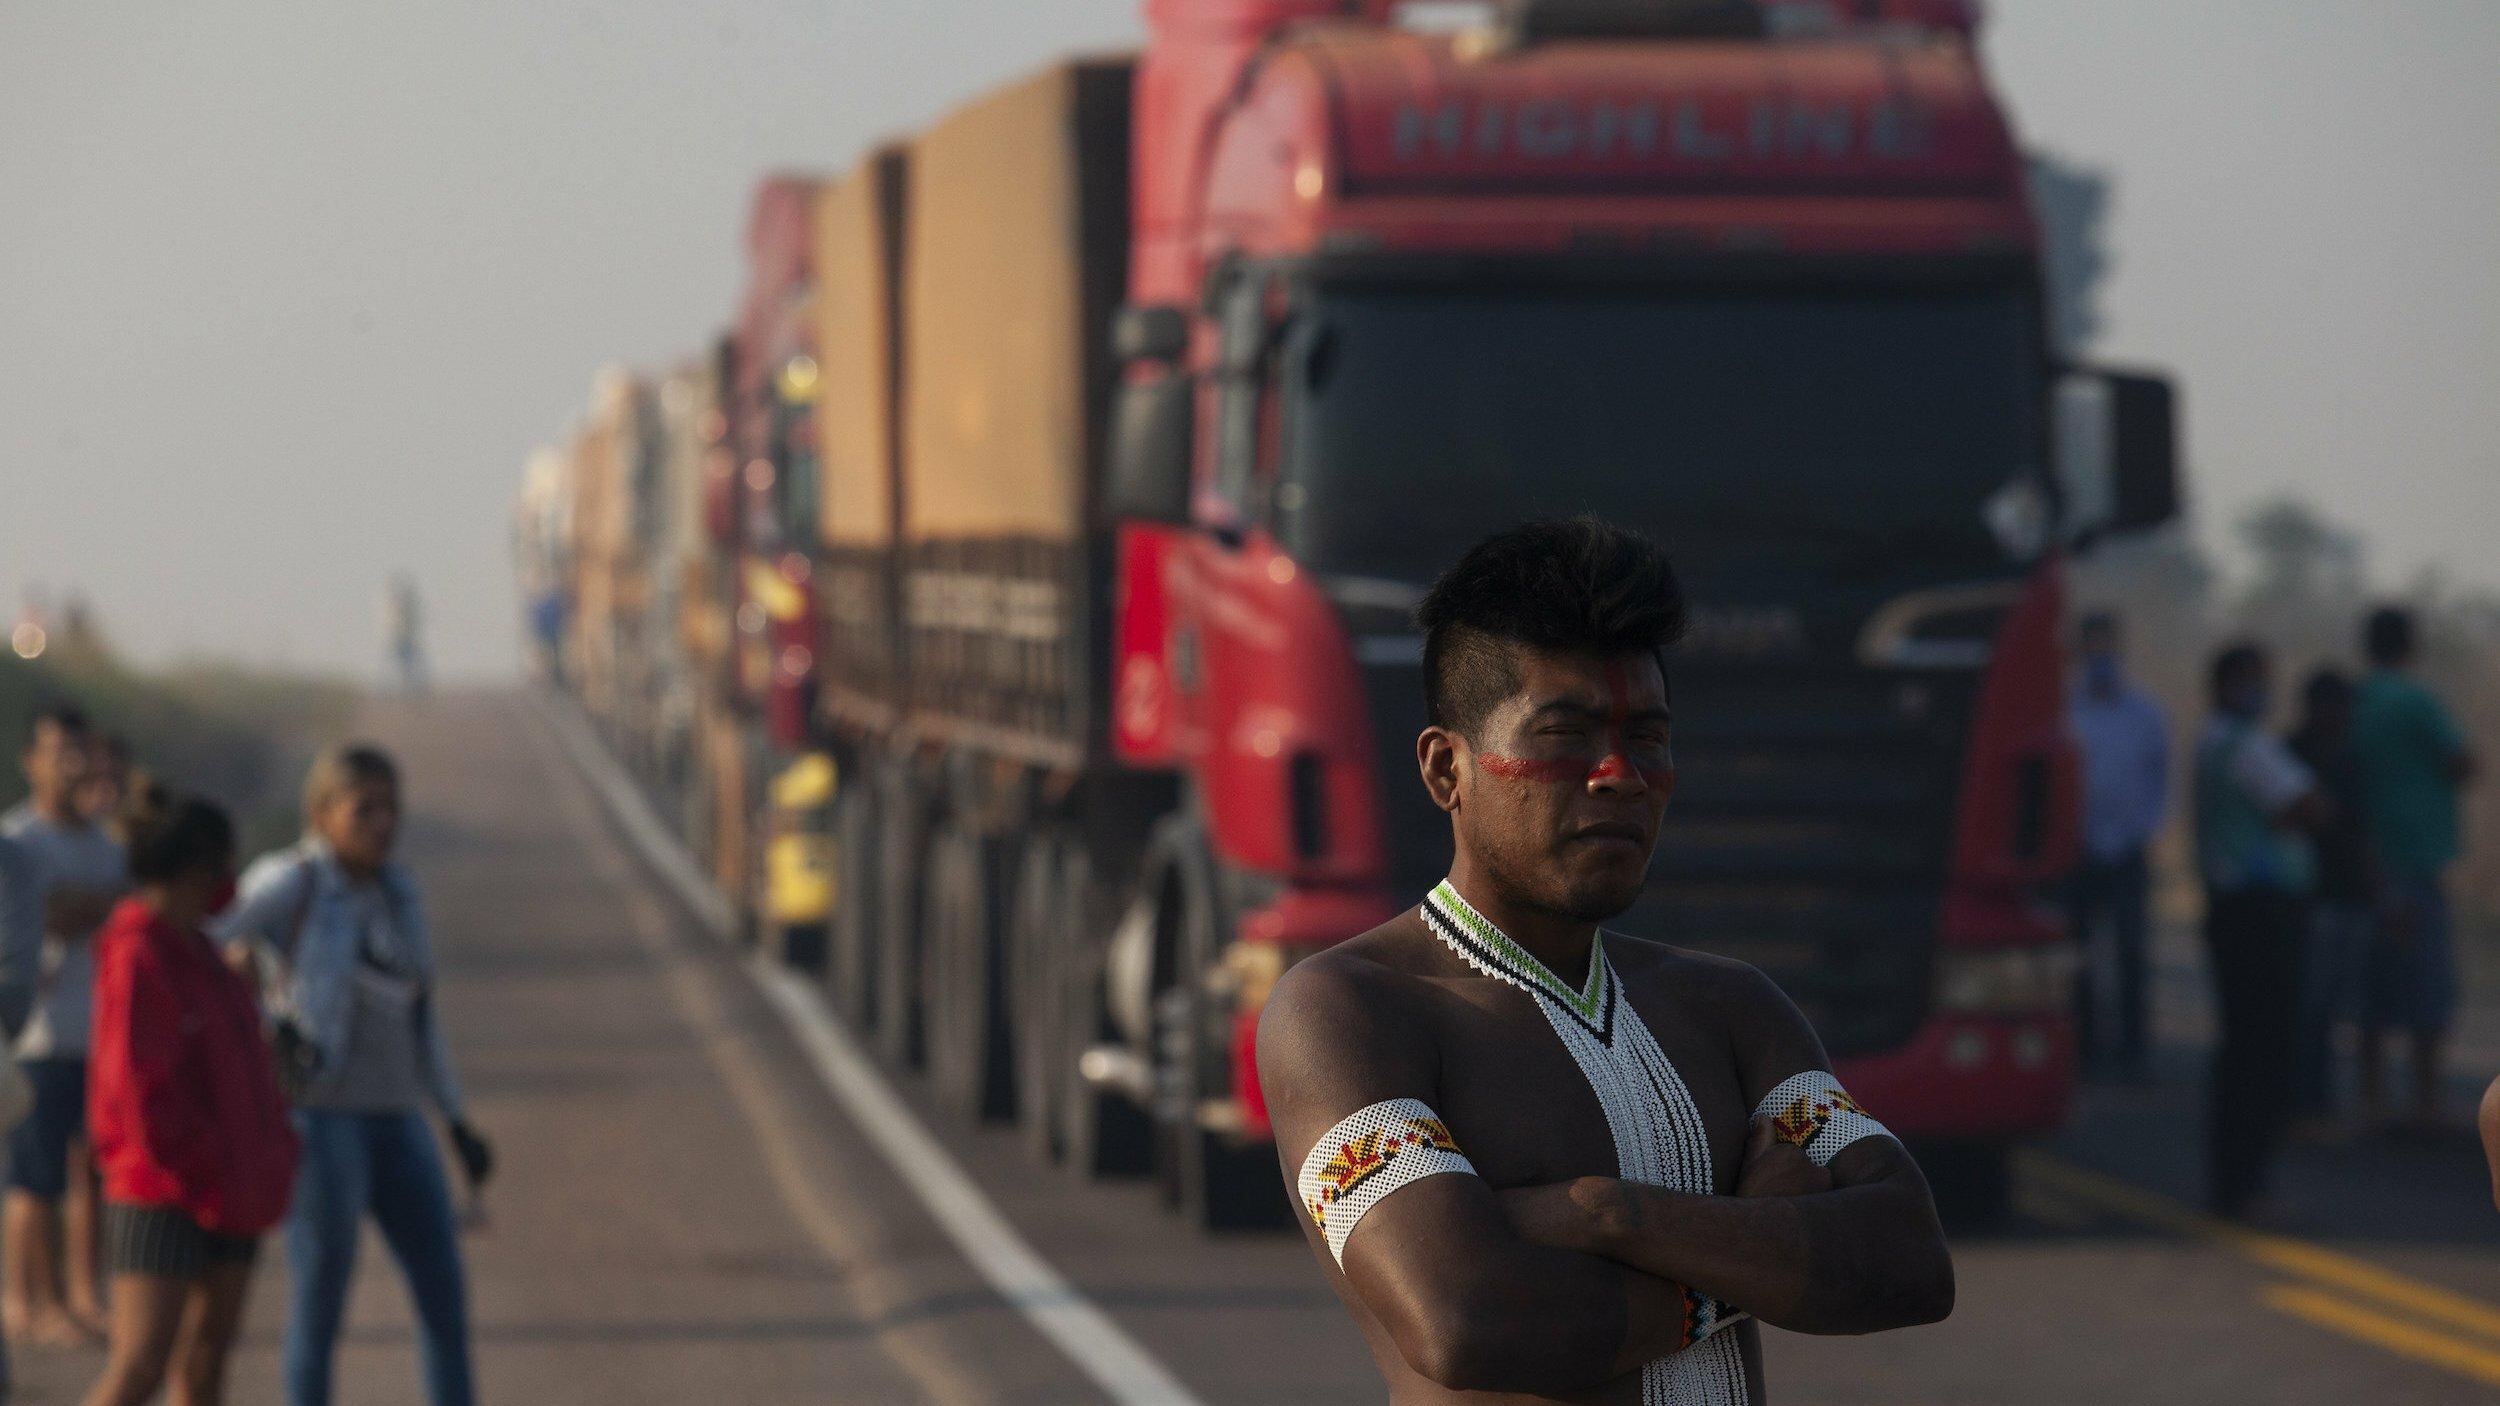 Ein indigener Mann steht mit geschlossenen Augen mitten auf der Straße, hinter ihm stauen sich LKW.